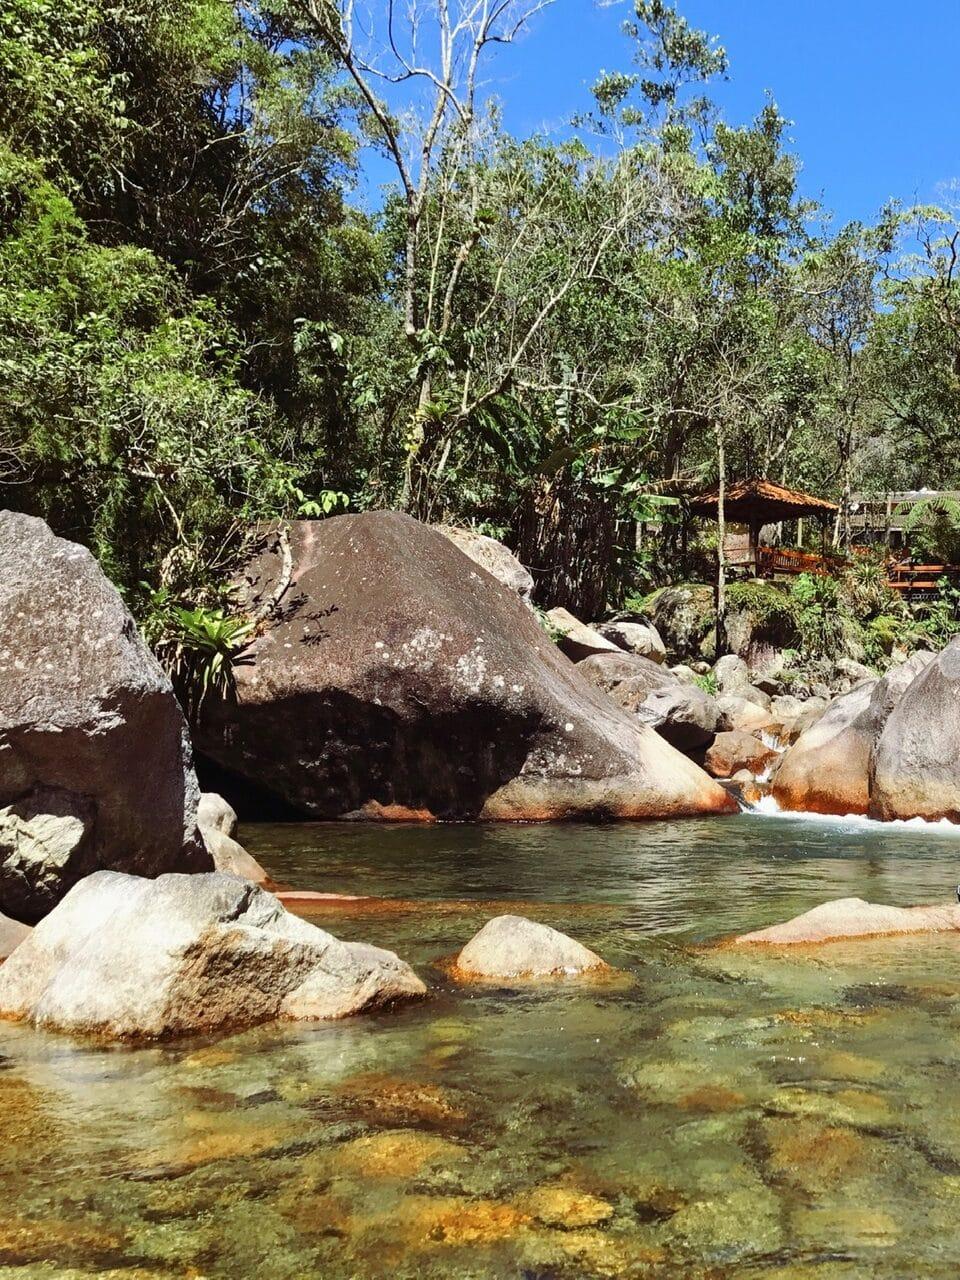 Rio com águas transparentes num leito de pedras em Visconde de Mauá